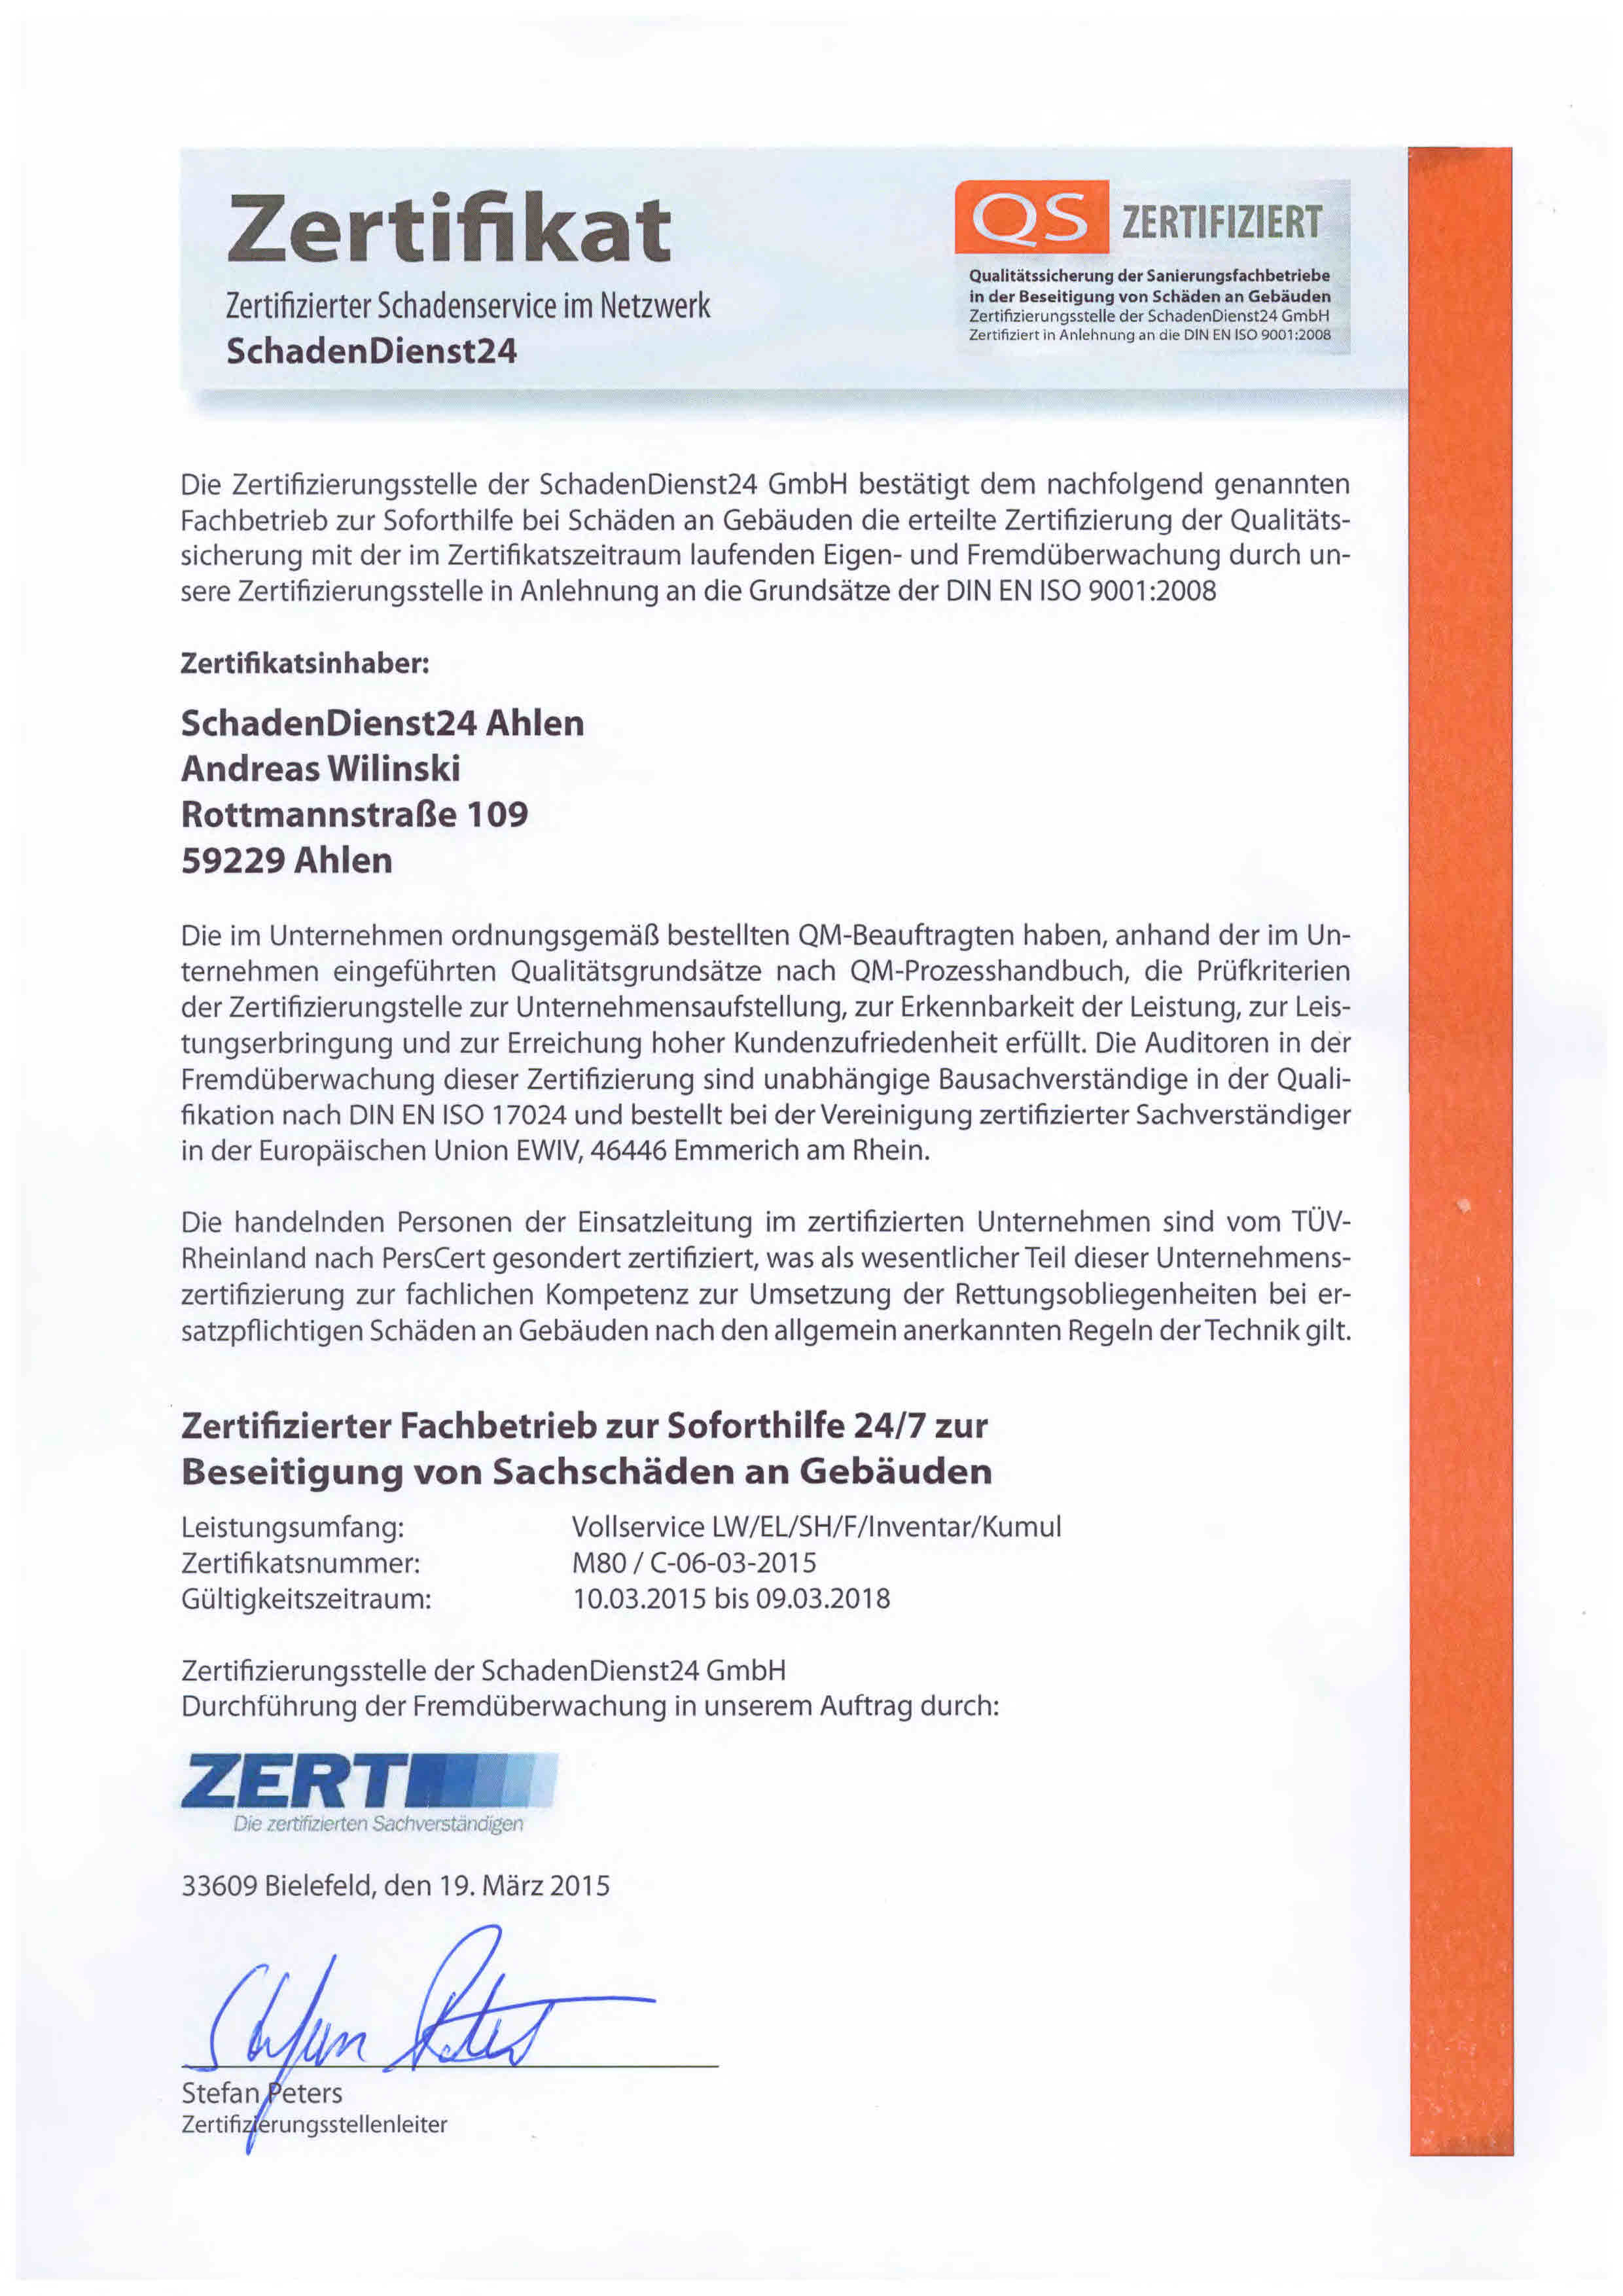 SchadenDienst24 bis 2018 zertifiziert